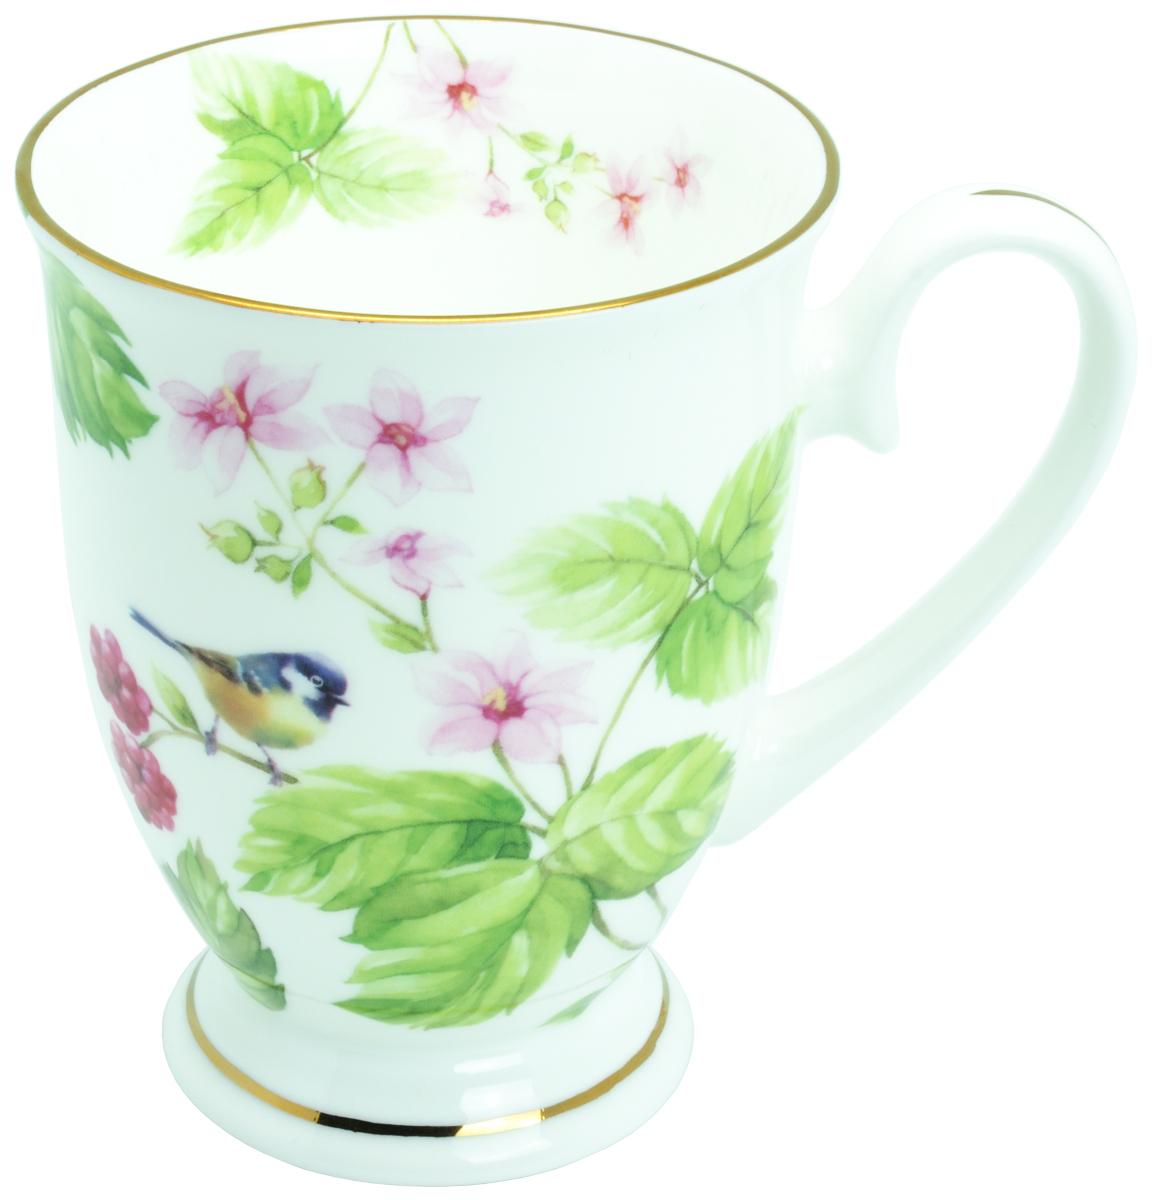 【ロイヤルアーデン】 ボーンチャイナマグカップ <br>No.37648